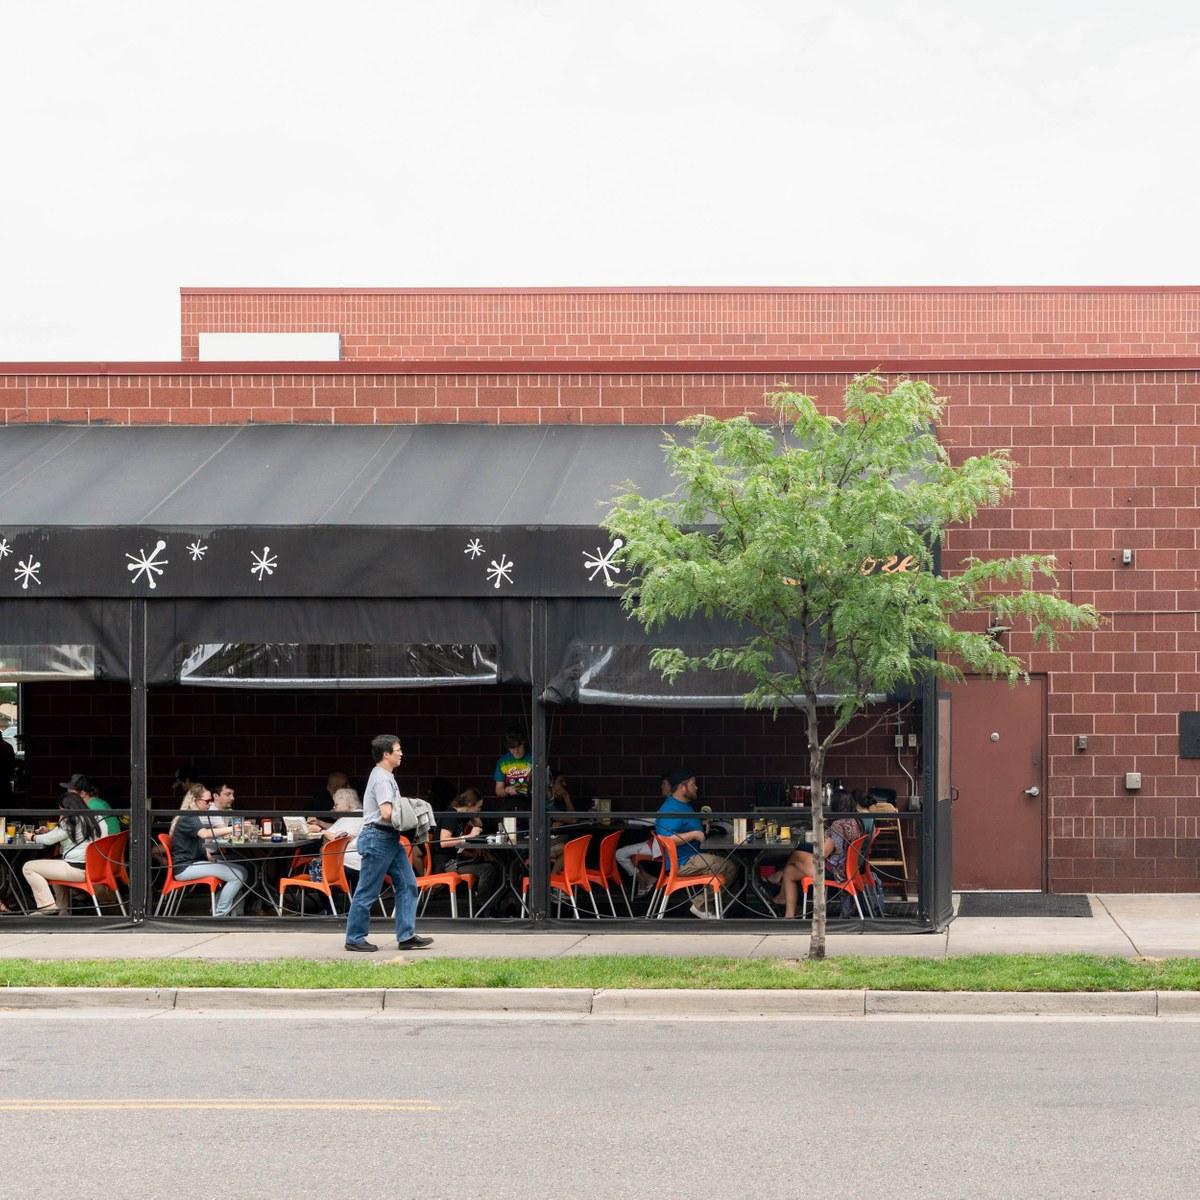 Denver Apartment Guide: Hale, Denver CO - Neighborhood Guide